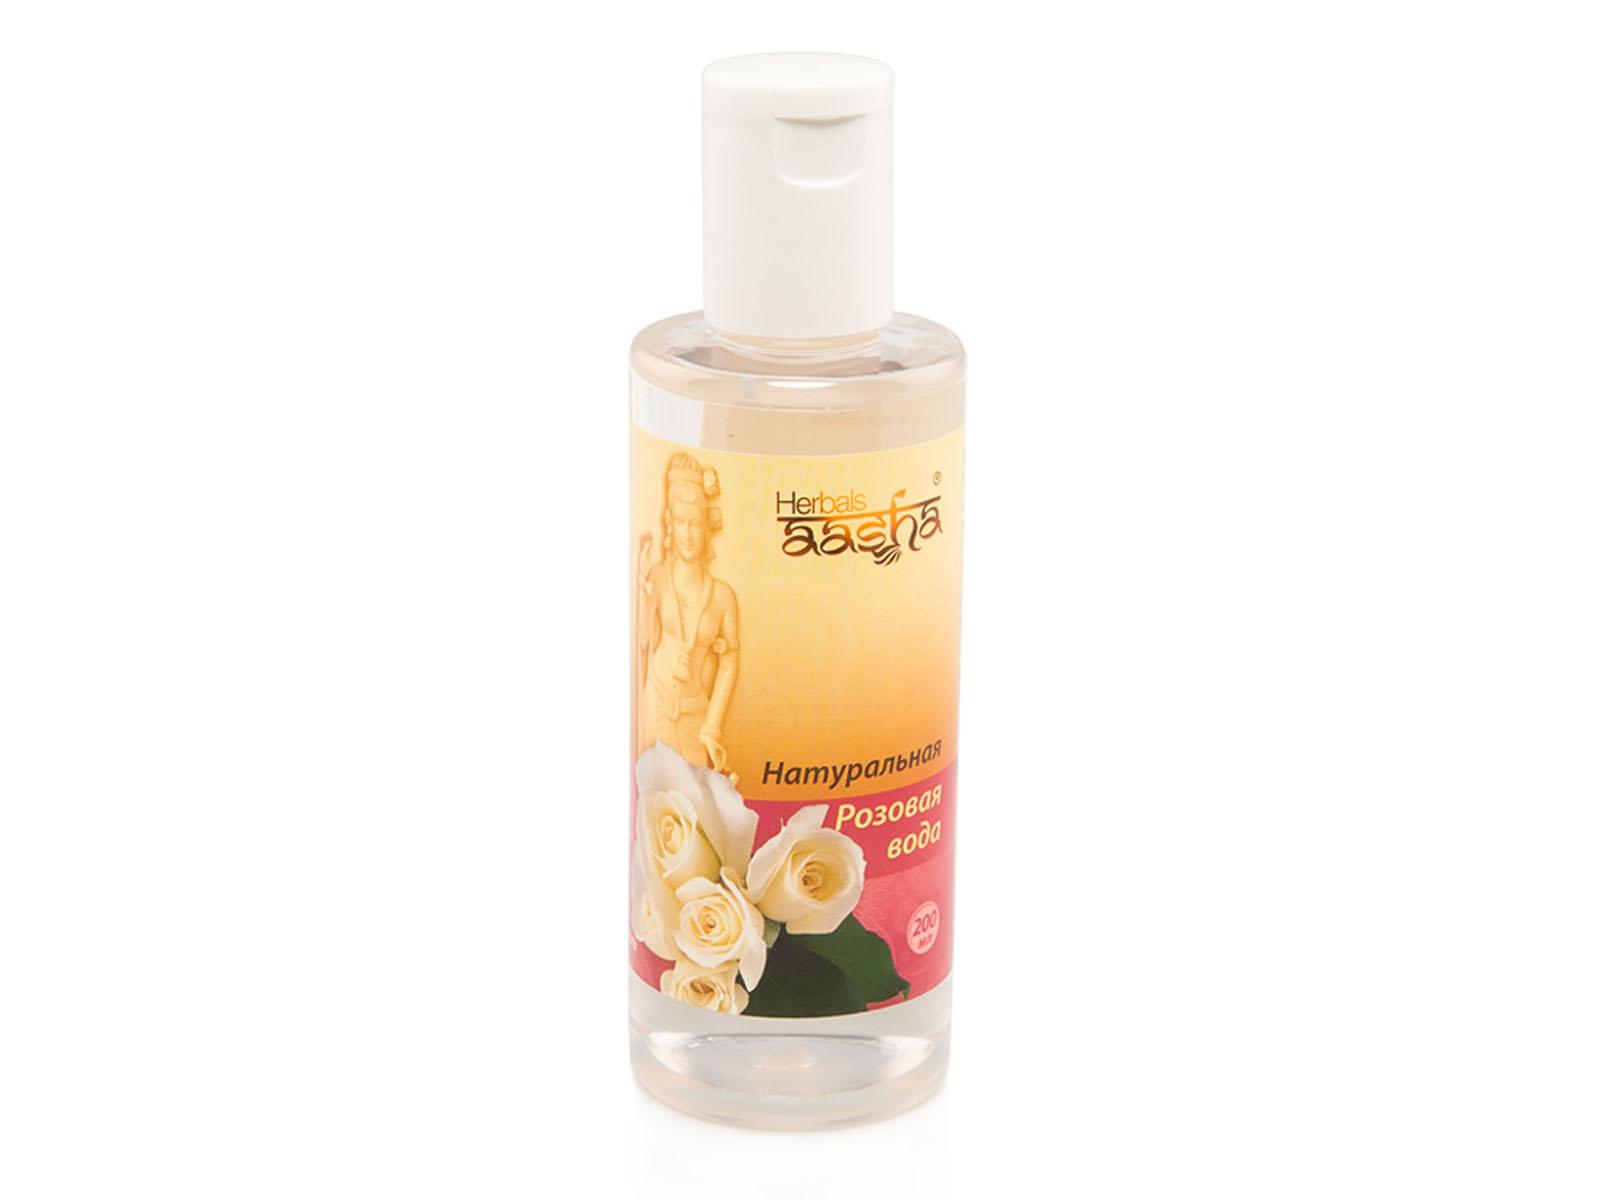 Aasha Herbals Натуральная Розовая вода, 200 млFS-00610Тонизирует и дает ощущение свежести. Обладает выраженным охлаждающим действием, успокаивает кожу. Снимает отечность, устраняет «мешки» и темные круги под глазами. Можно применять как основу для косметических масок. Для любого типа кожи